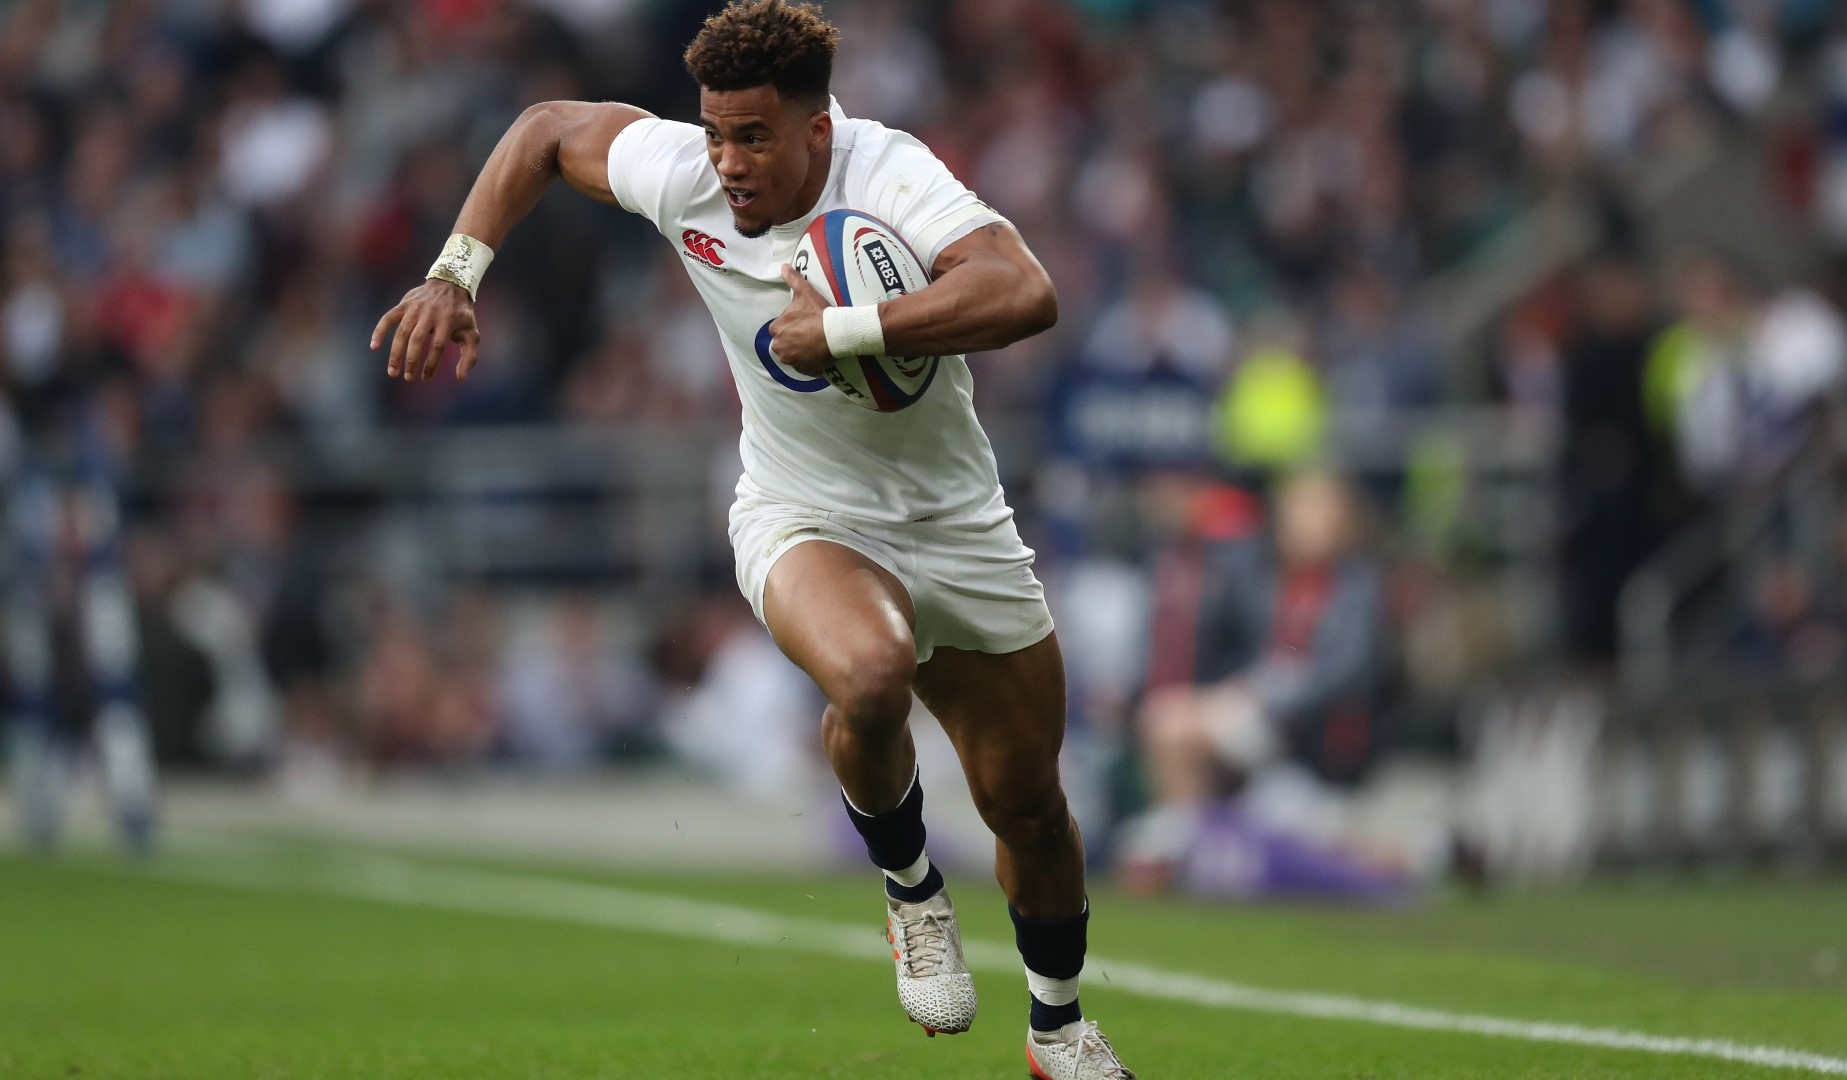 LionsWatch: Watson and Vunipola return for England